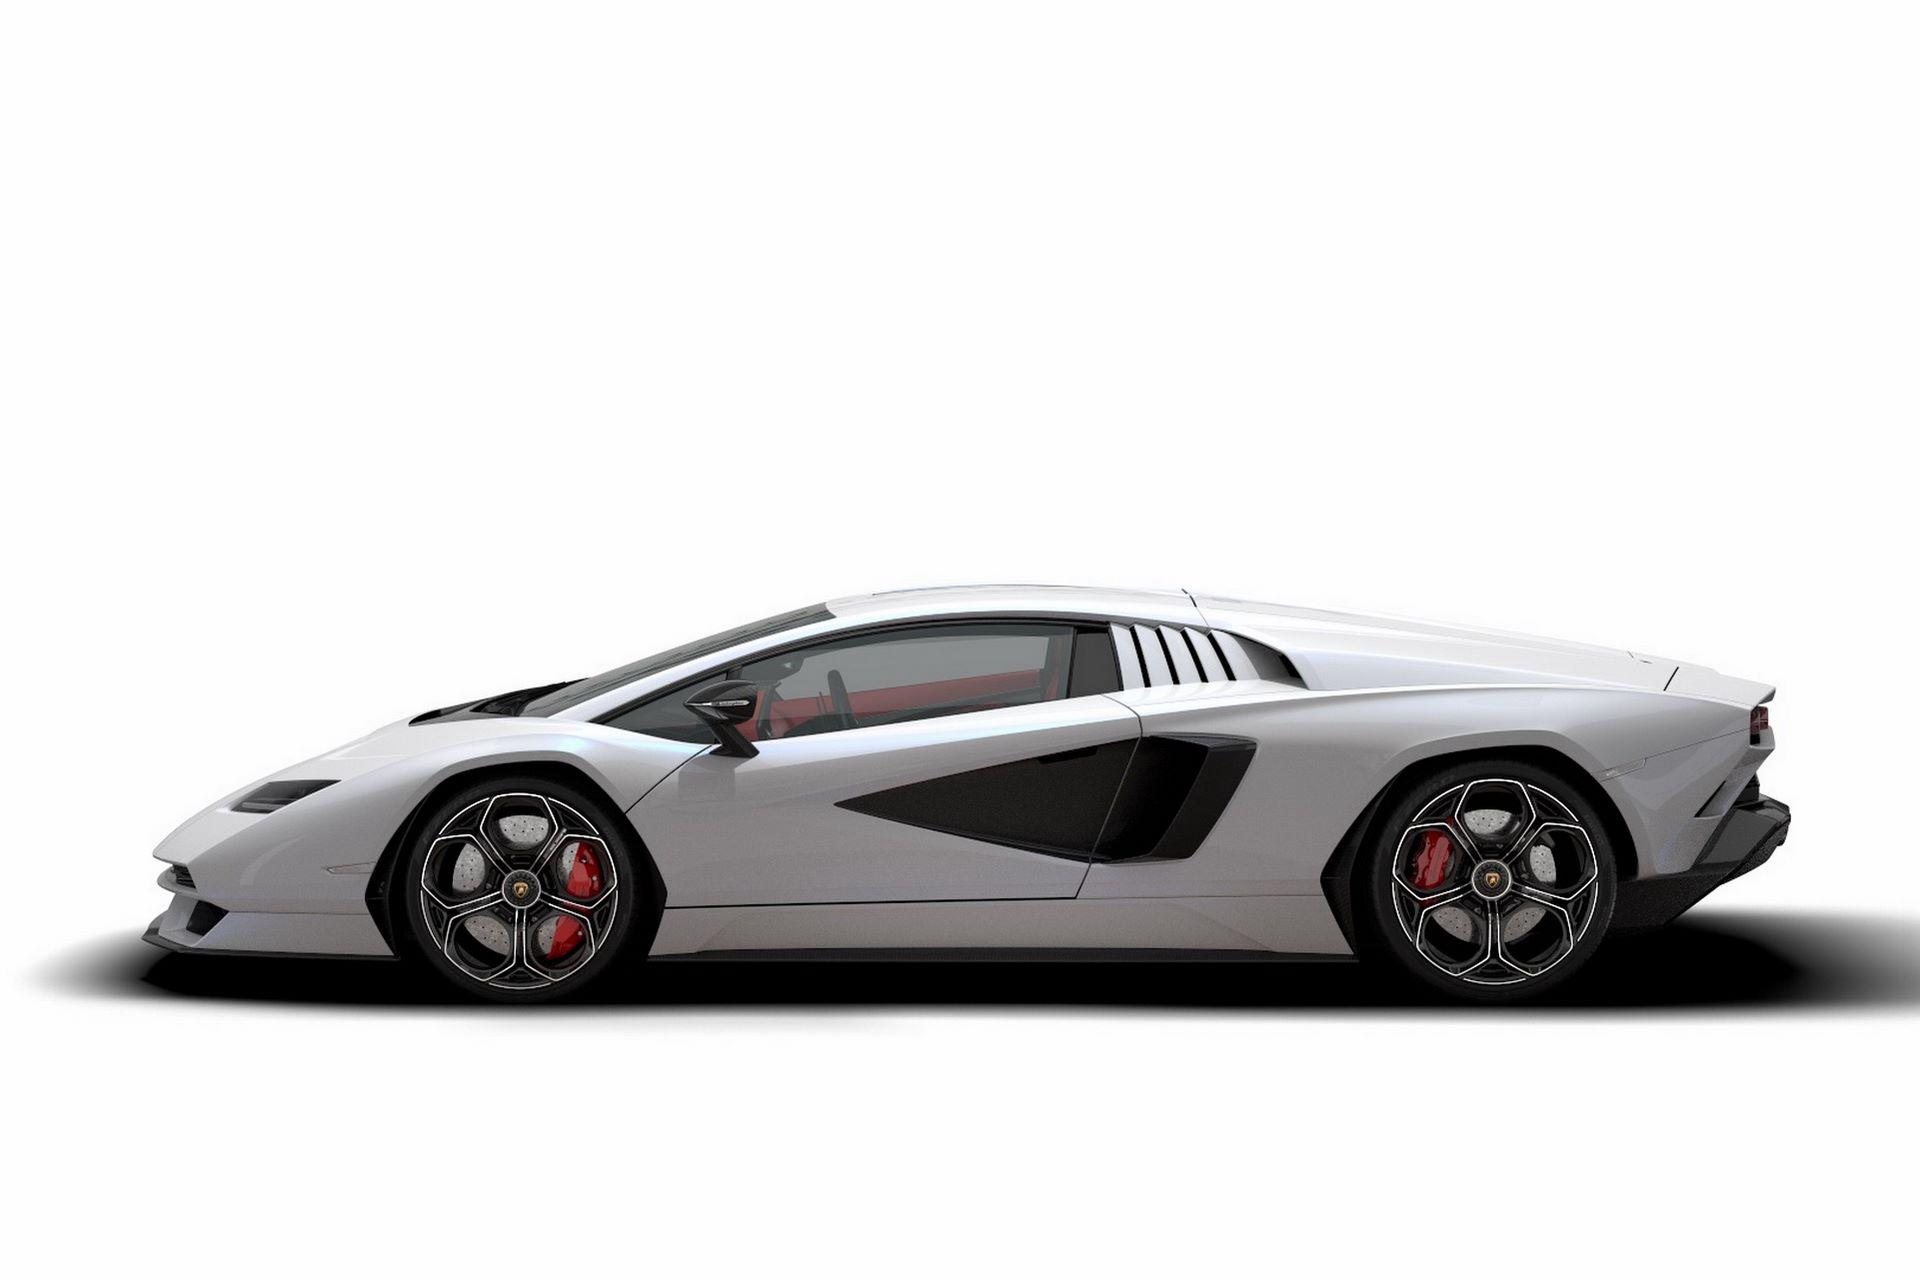 Lamborghini-Countach-LPI-800-4-37